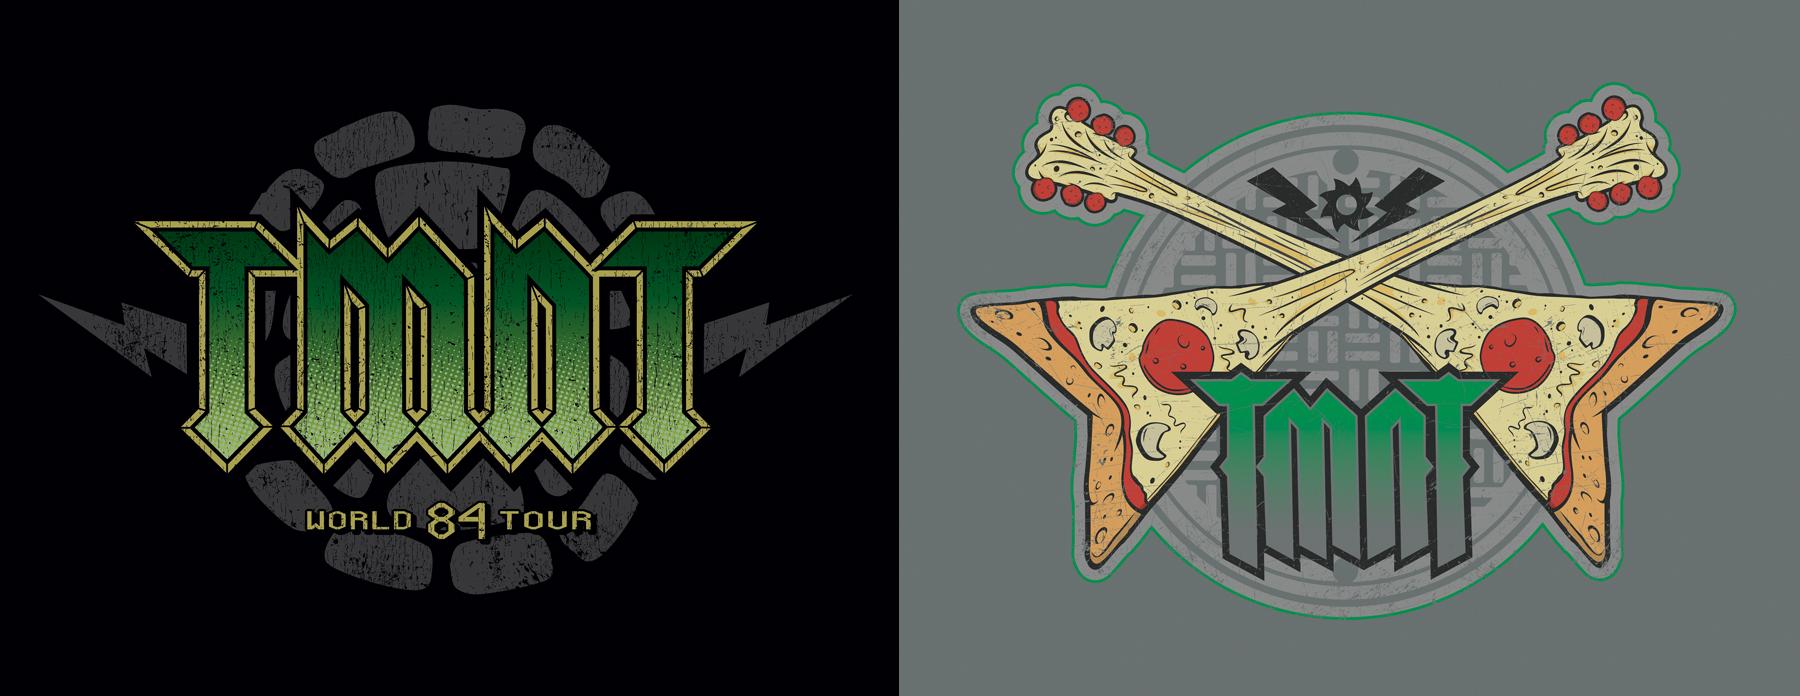 Teenage Mutant Ninja Turtles Classic Style Guides - ID 7